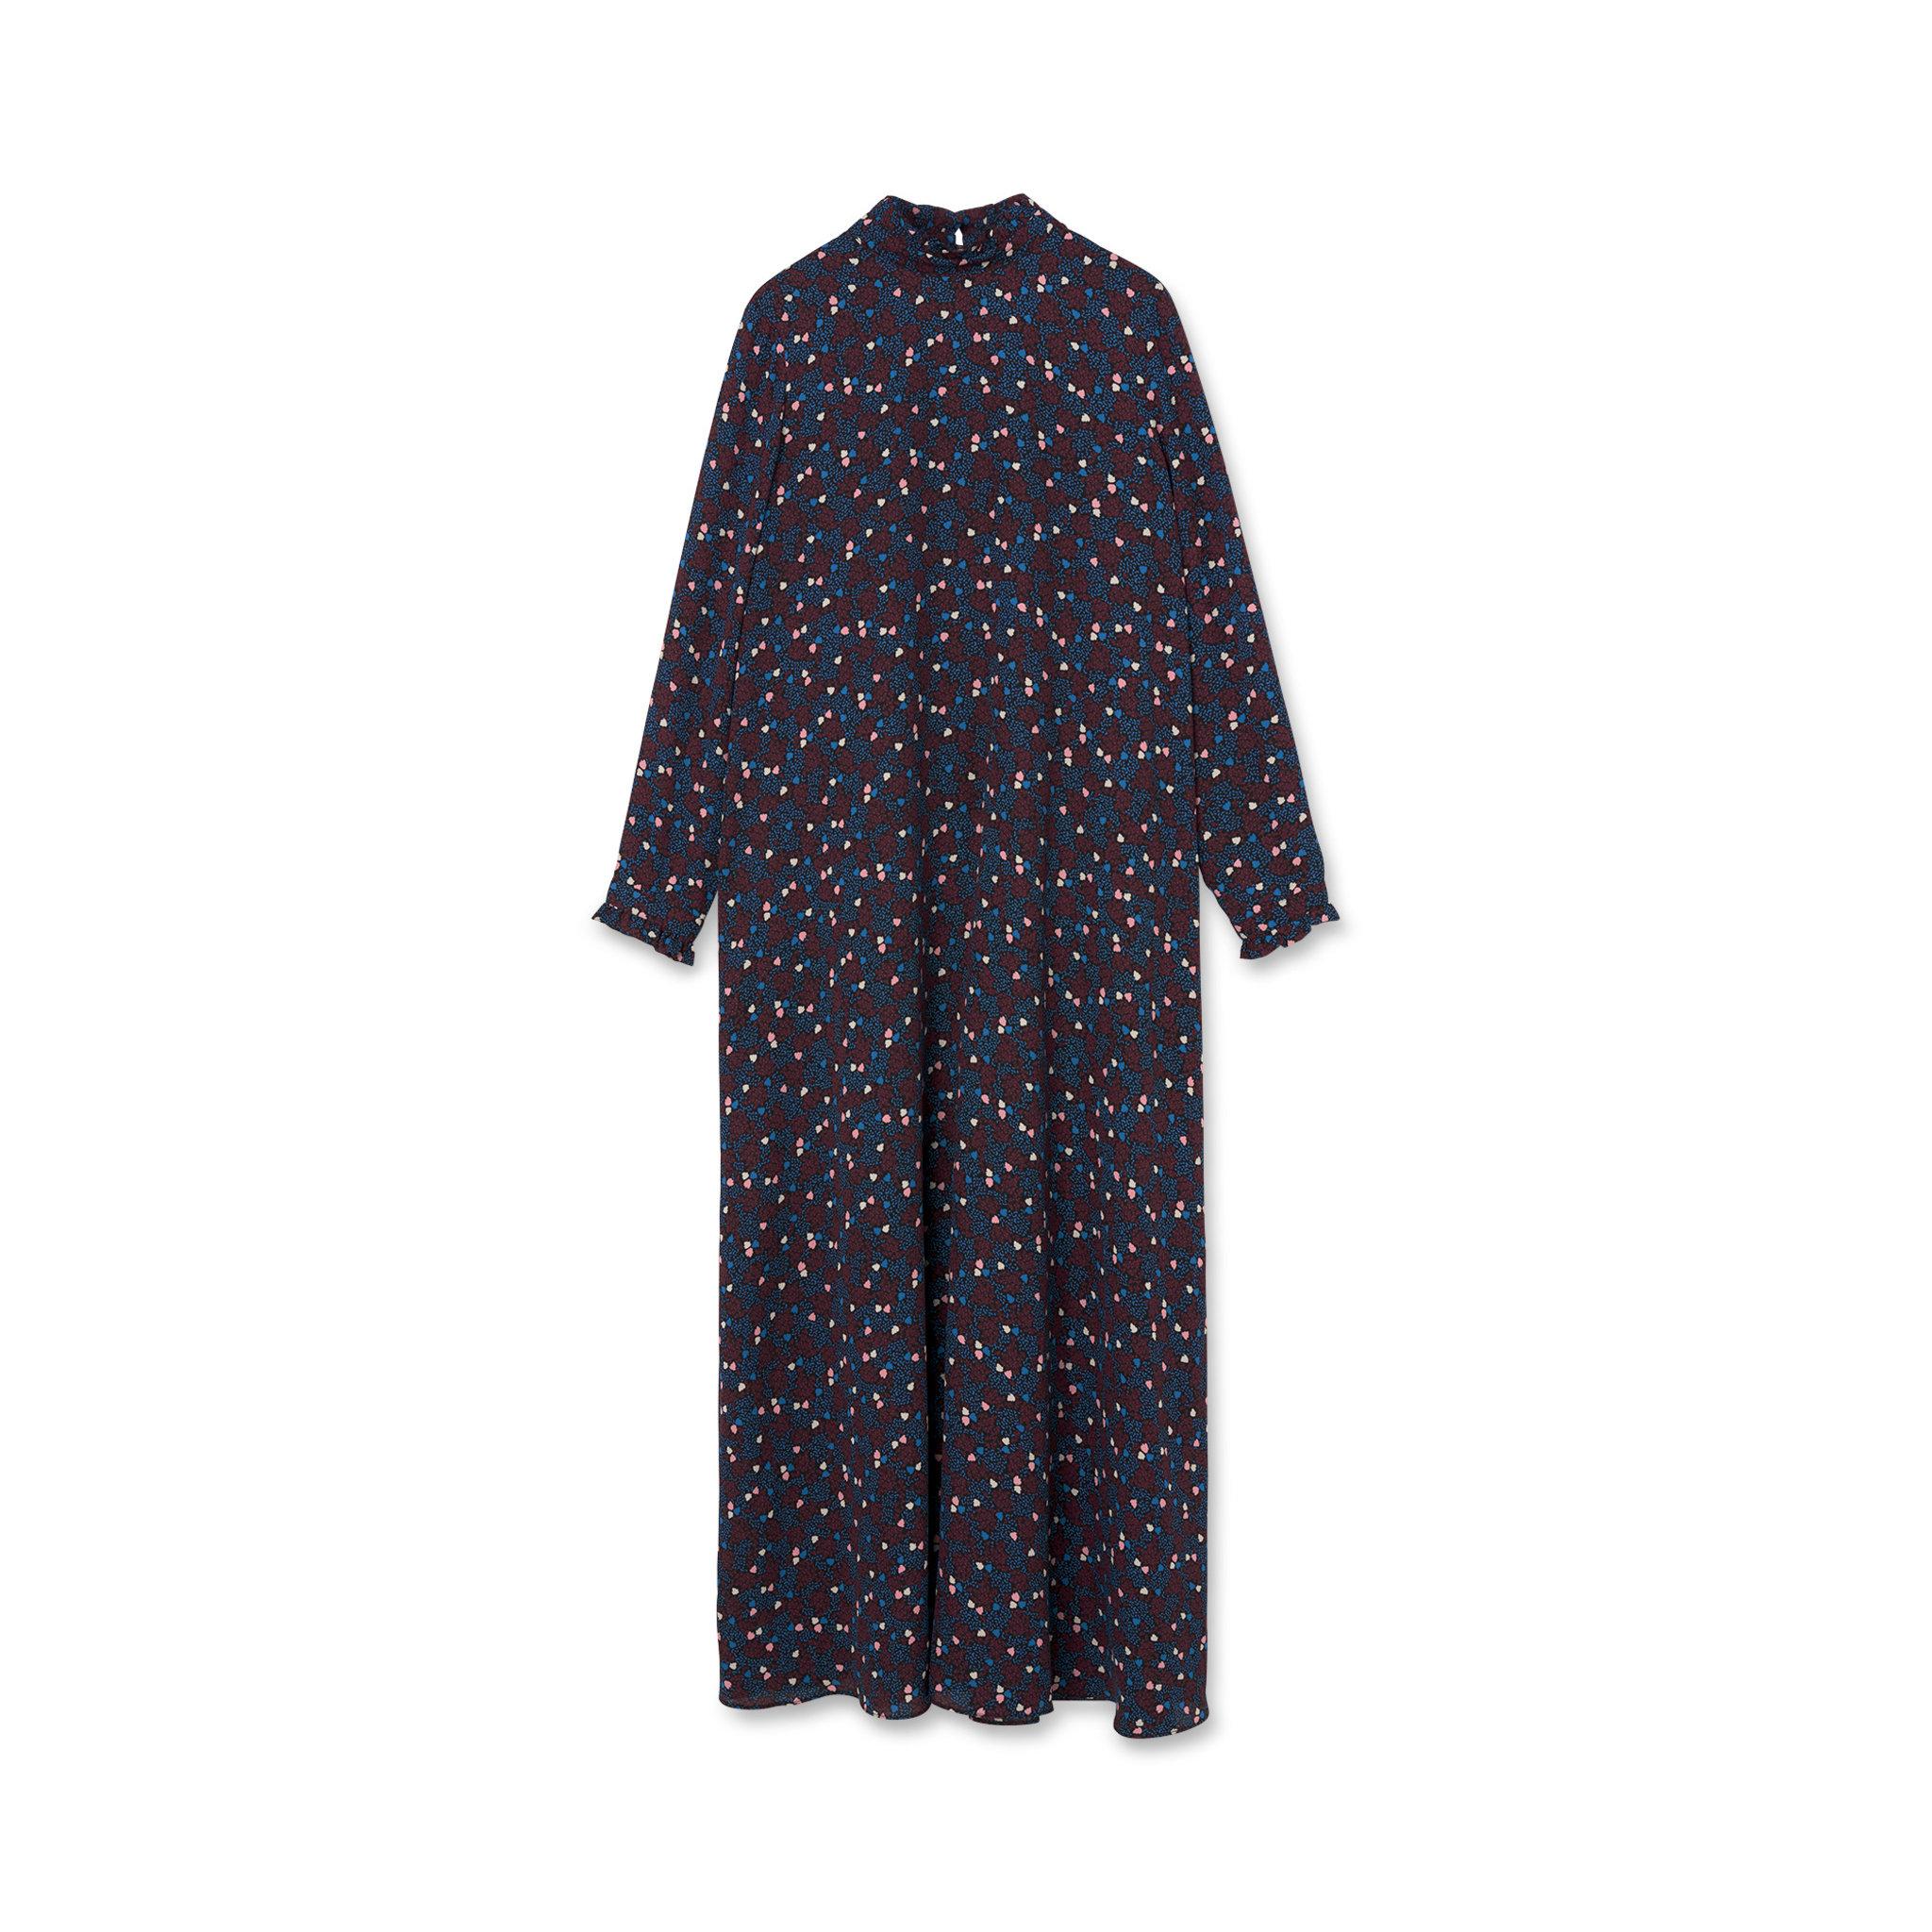 Maxiklänning Ilse - Klänningar - Köp online på åhlens.se! 94653be1ac85f